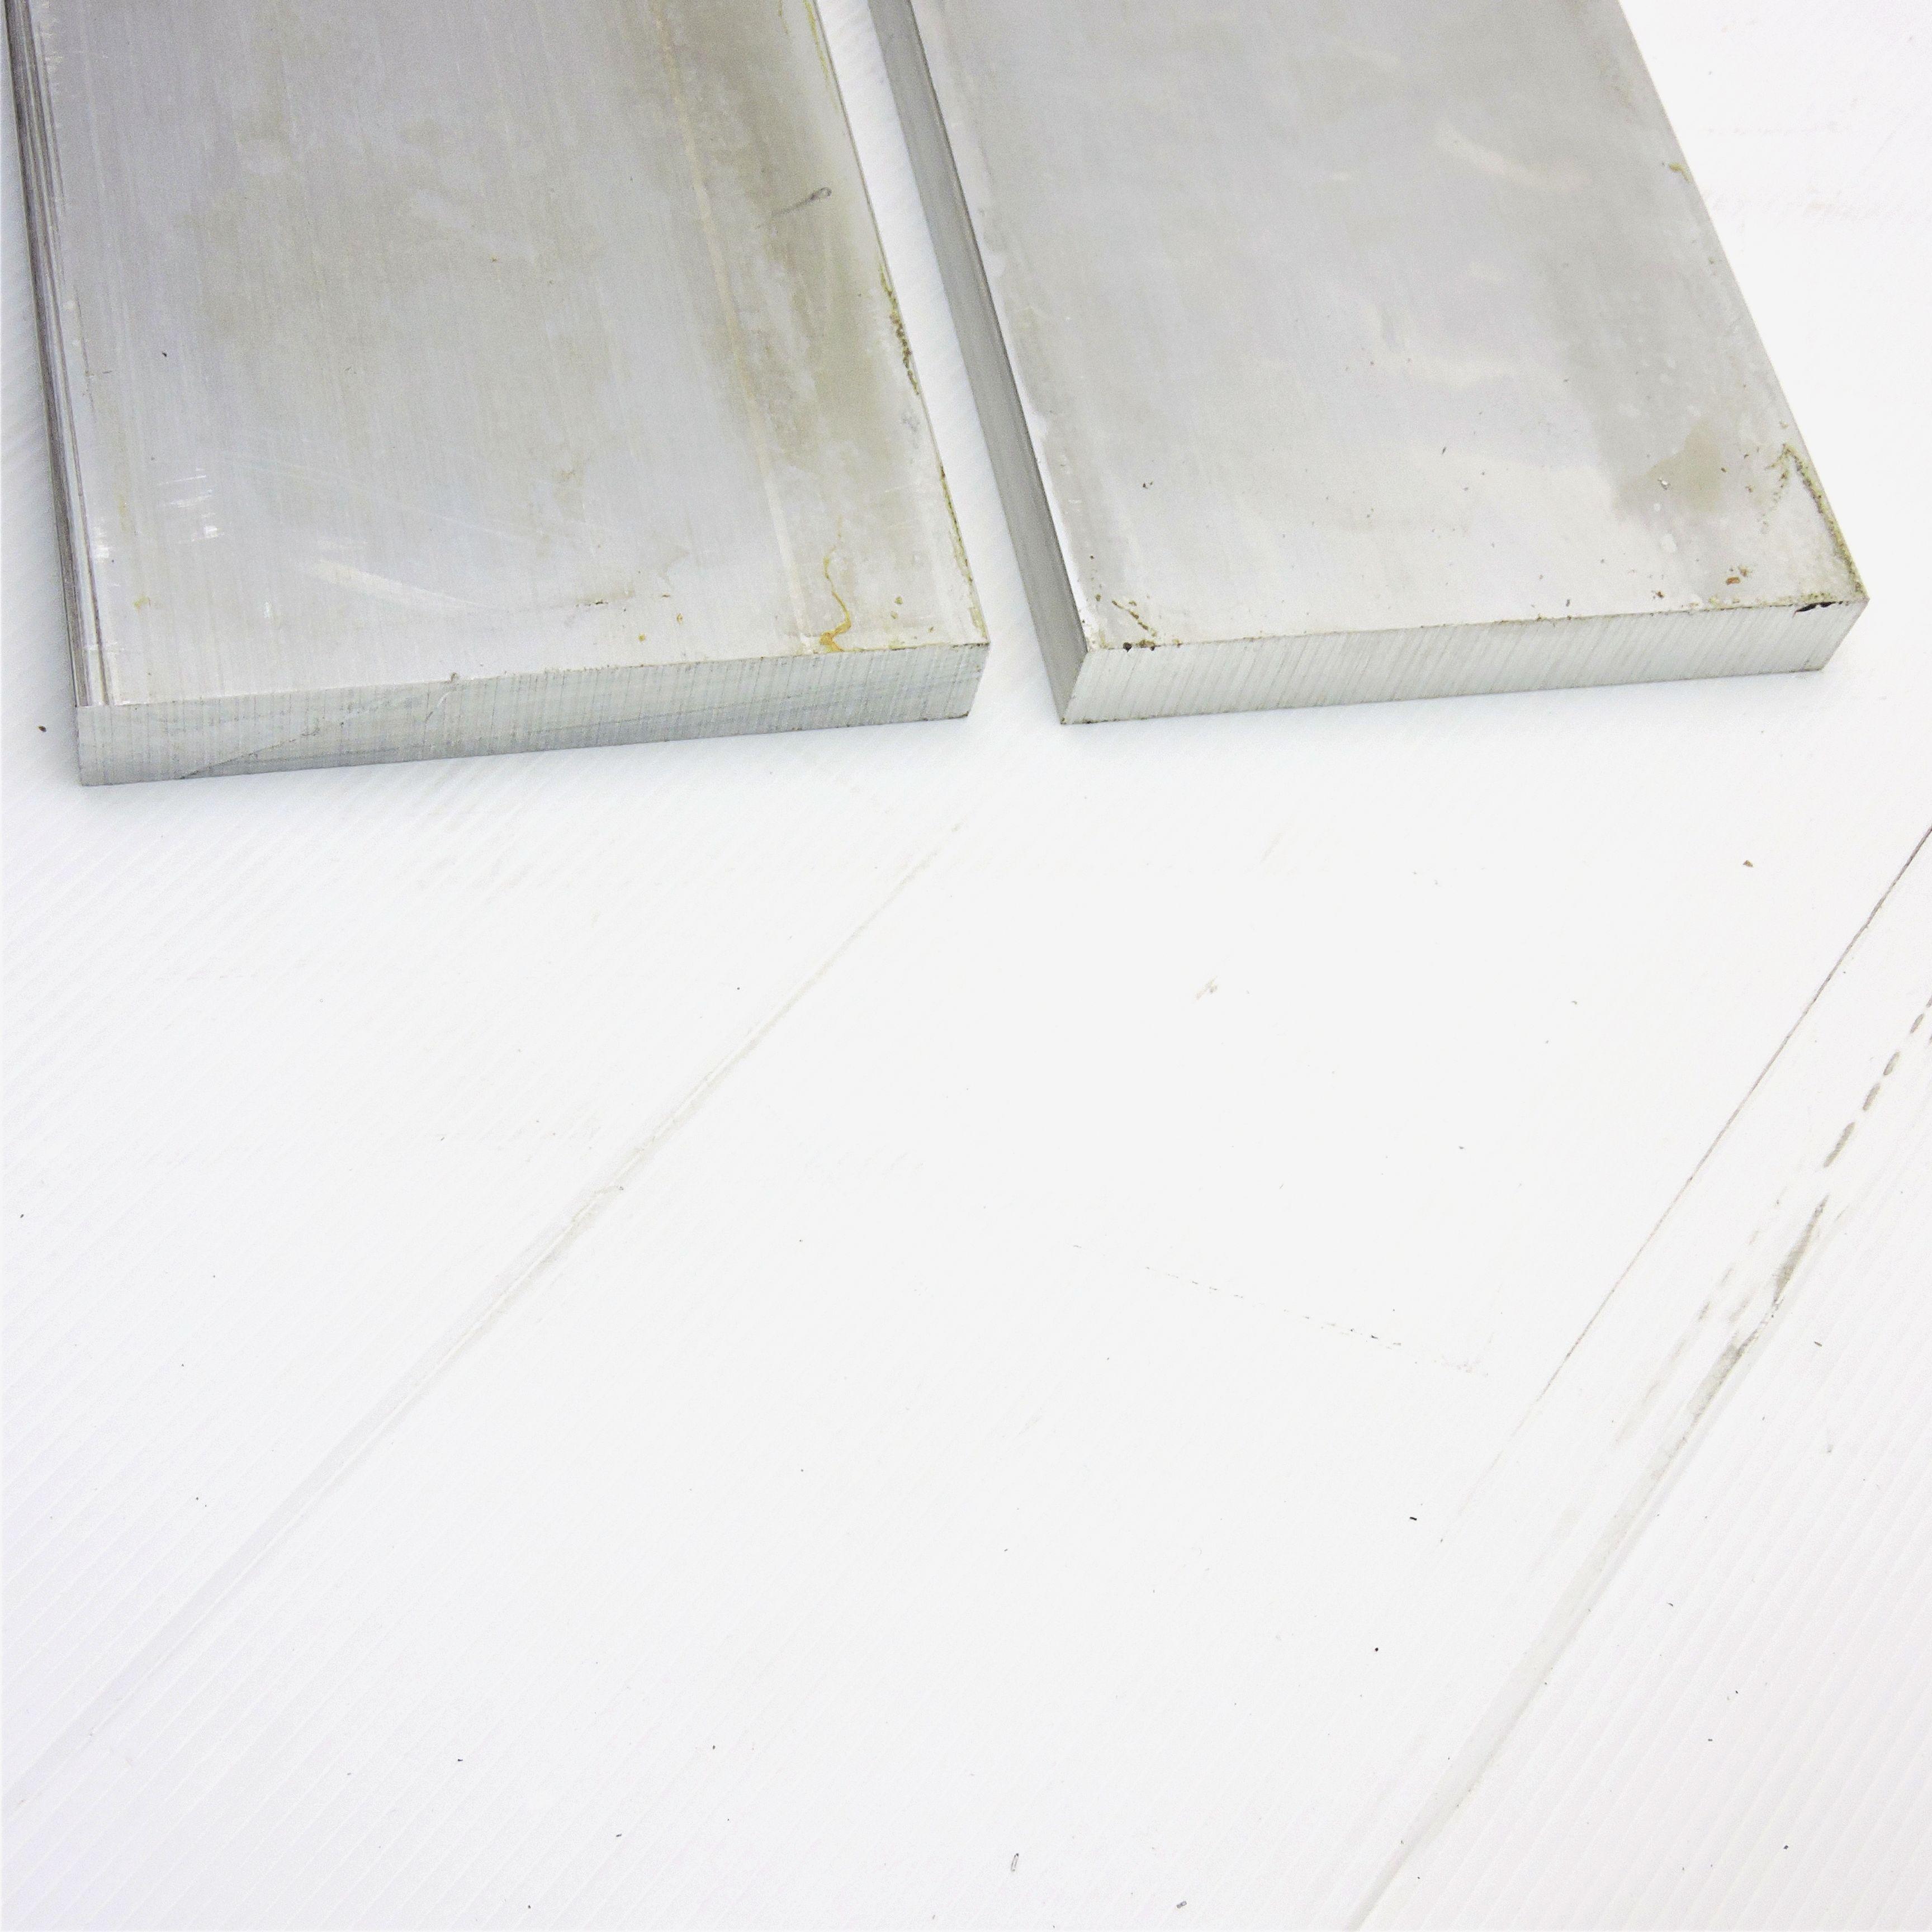 """.75/"""" x 8/"""" Aluminum 6061 FLAT BAR 19.375/"""" Long new mill stock QTY 2 sku L522"""